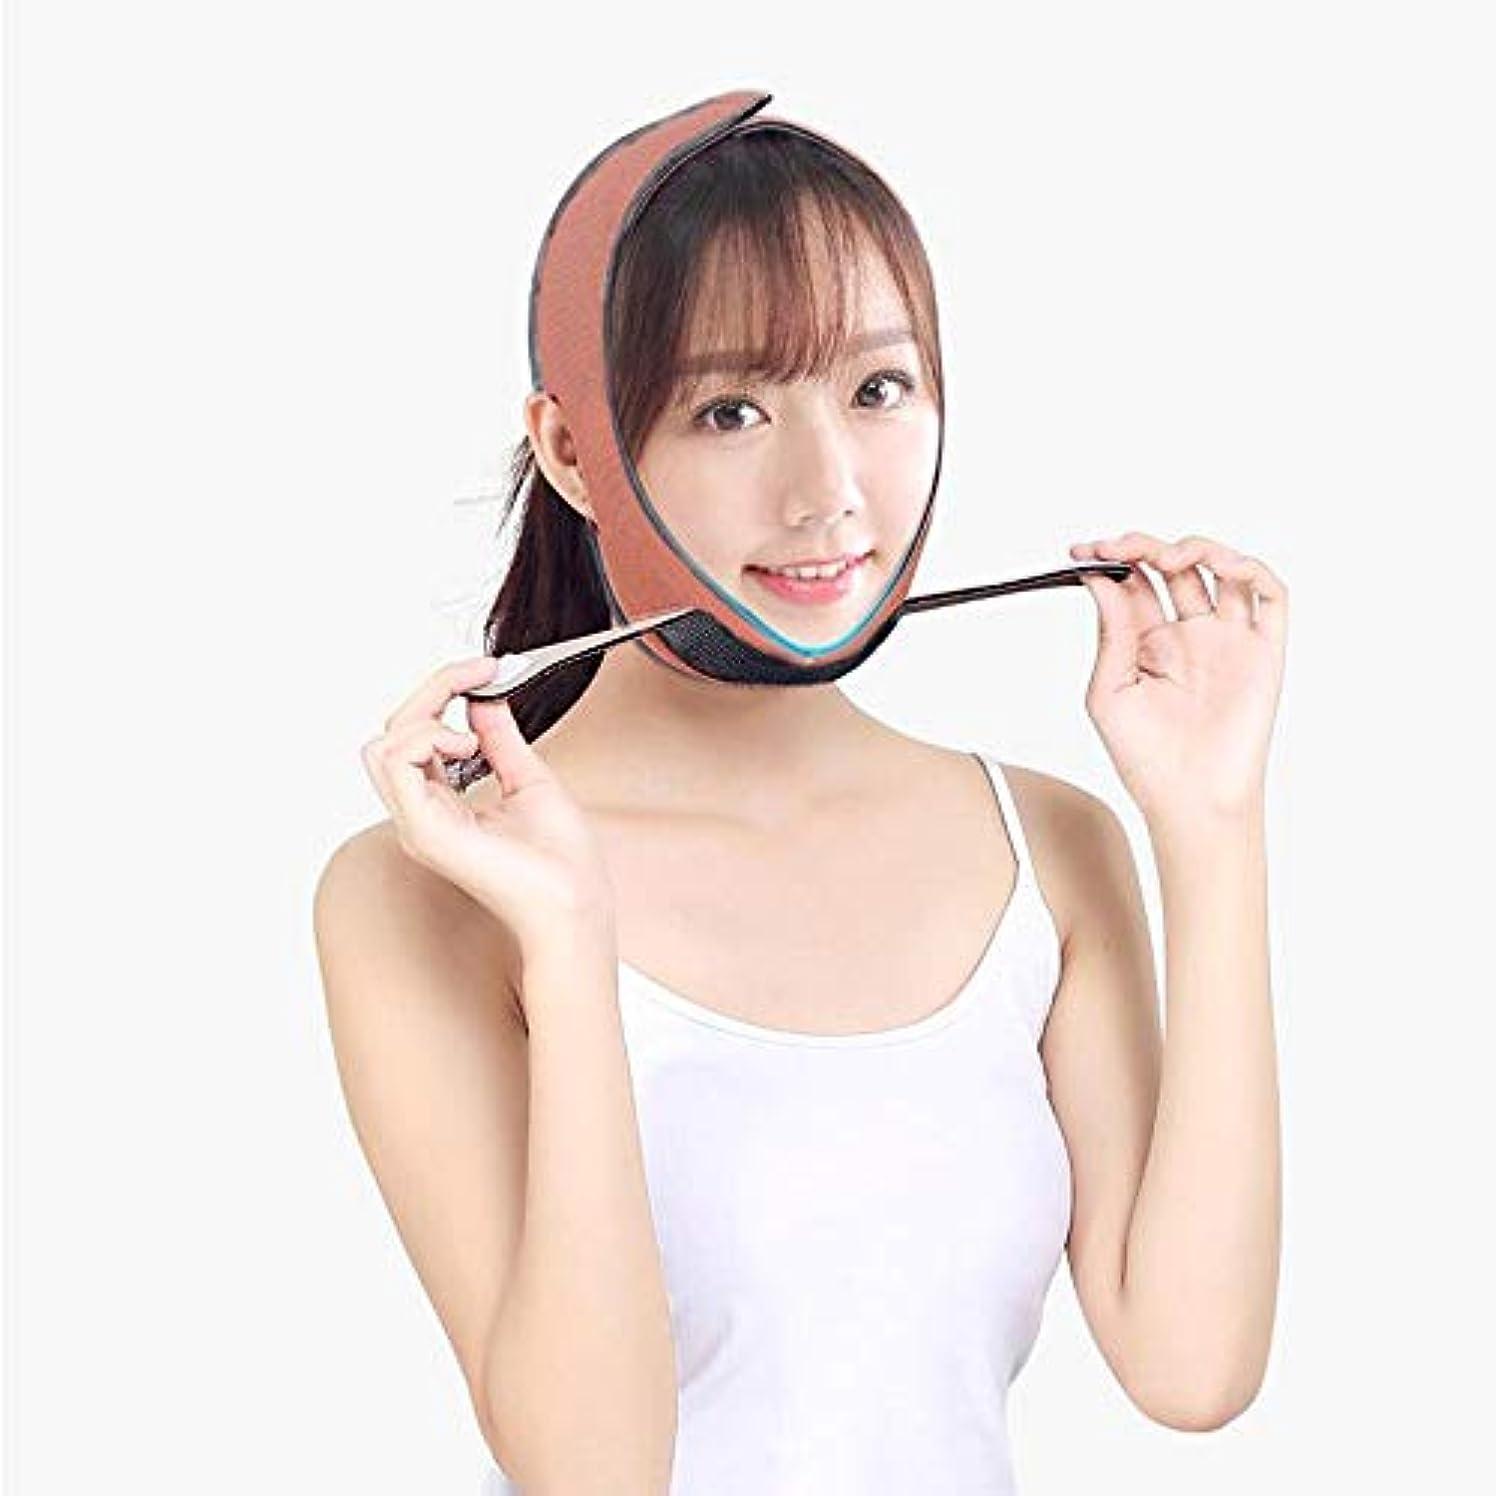 ライブ保持する自分を引き上げるJia Jia- フェイシャルリフティングスリミングベルト - 薄いフェイス包帯Vフェイス包帯マスクフェイシャルマッサージャー無料整形マスク顔と首の顔を引き締めますスリム 顔面包帯